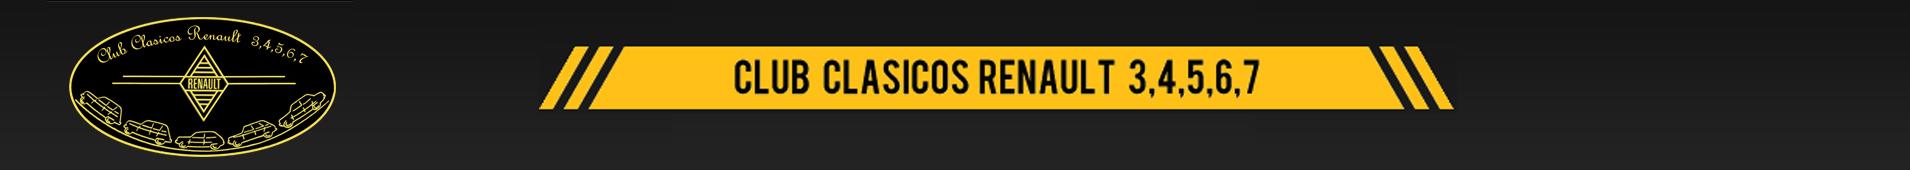 Club Clásicos Renault 3,4,5,6 y 7